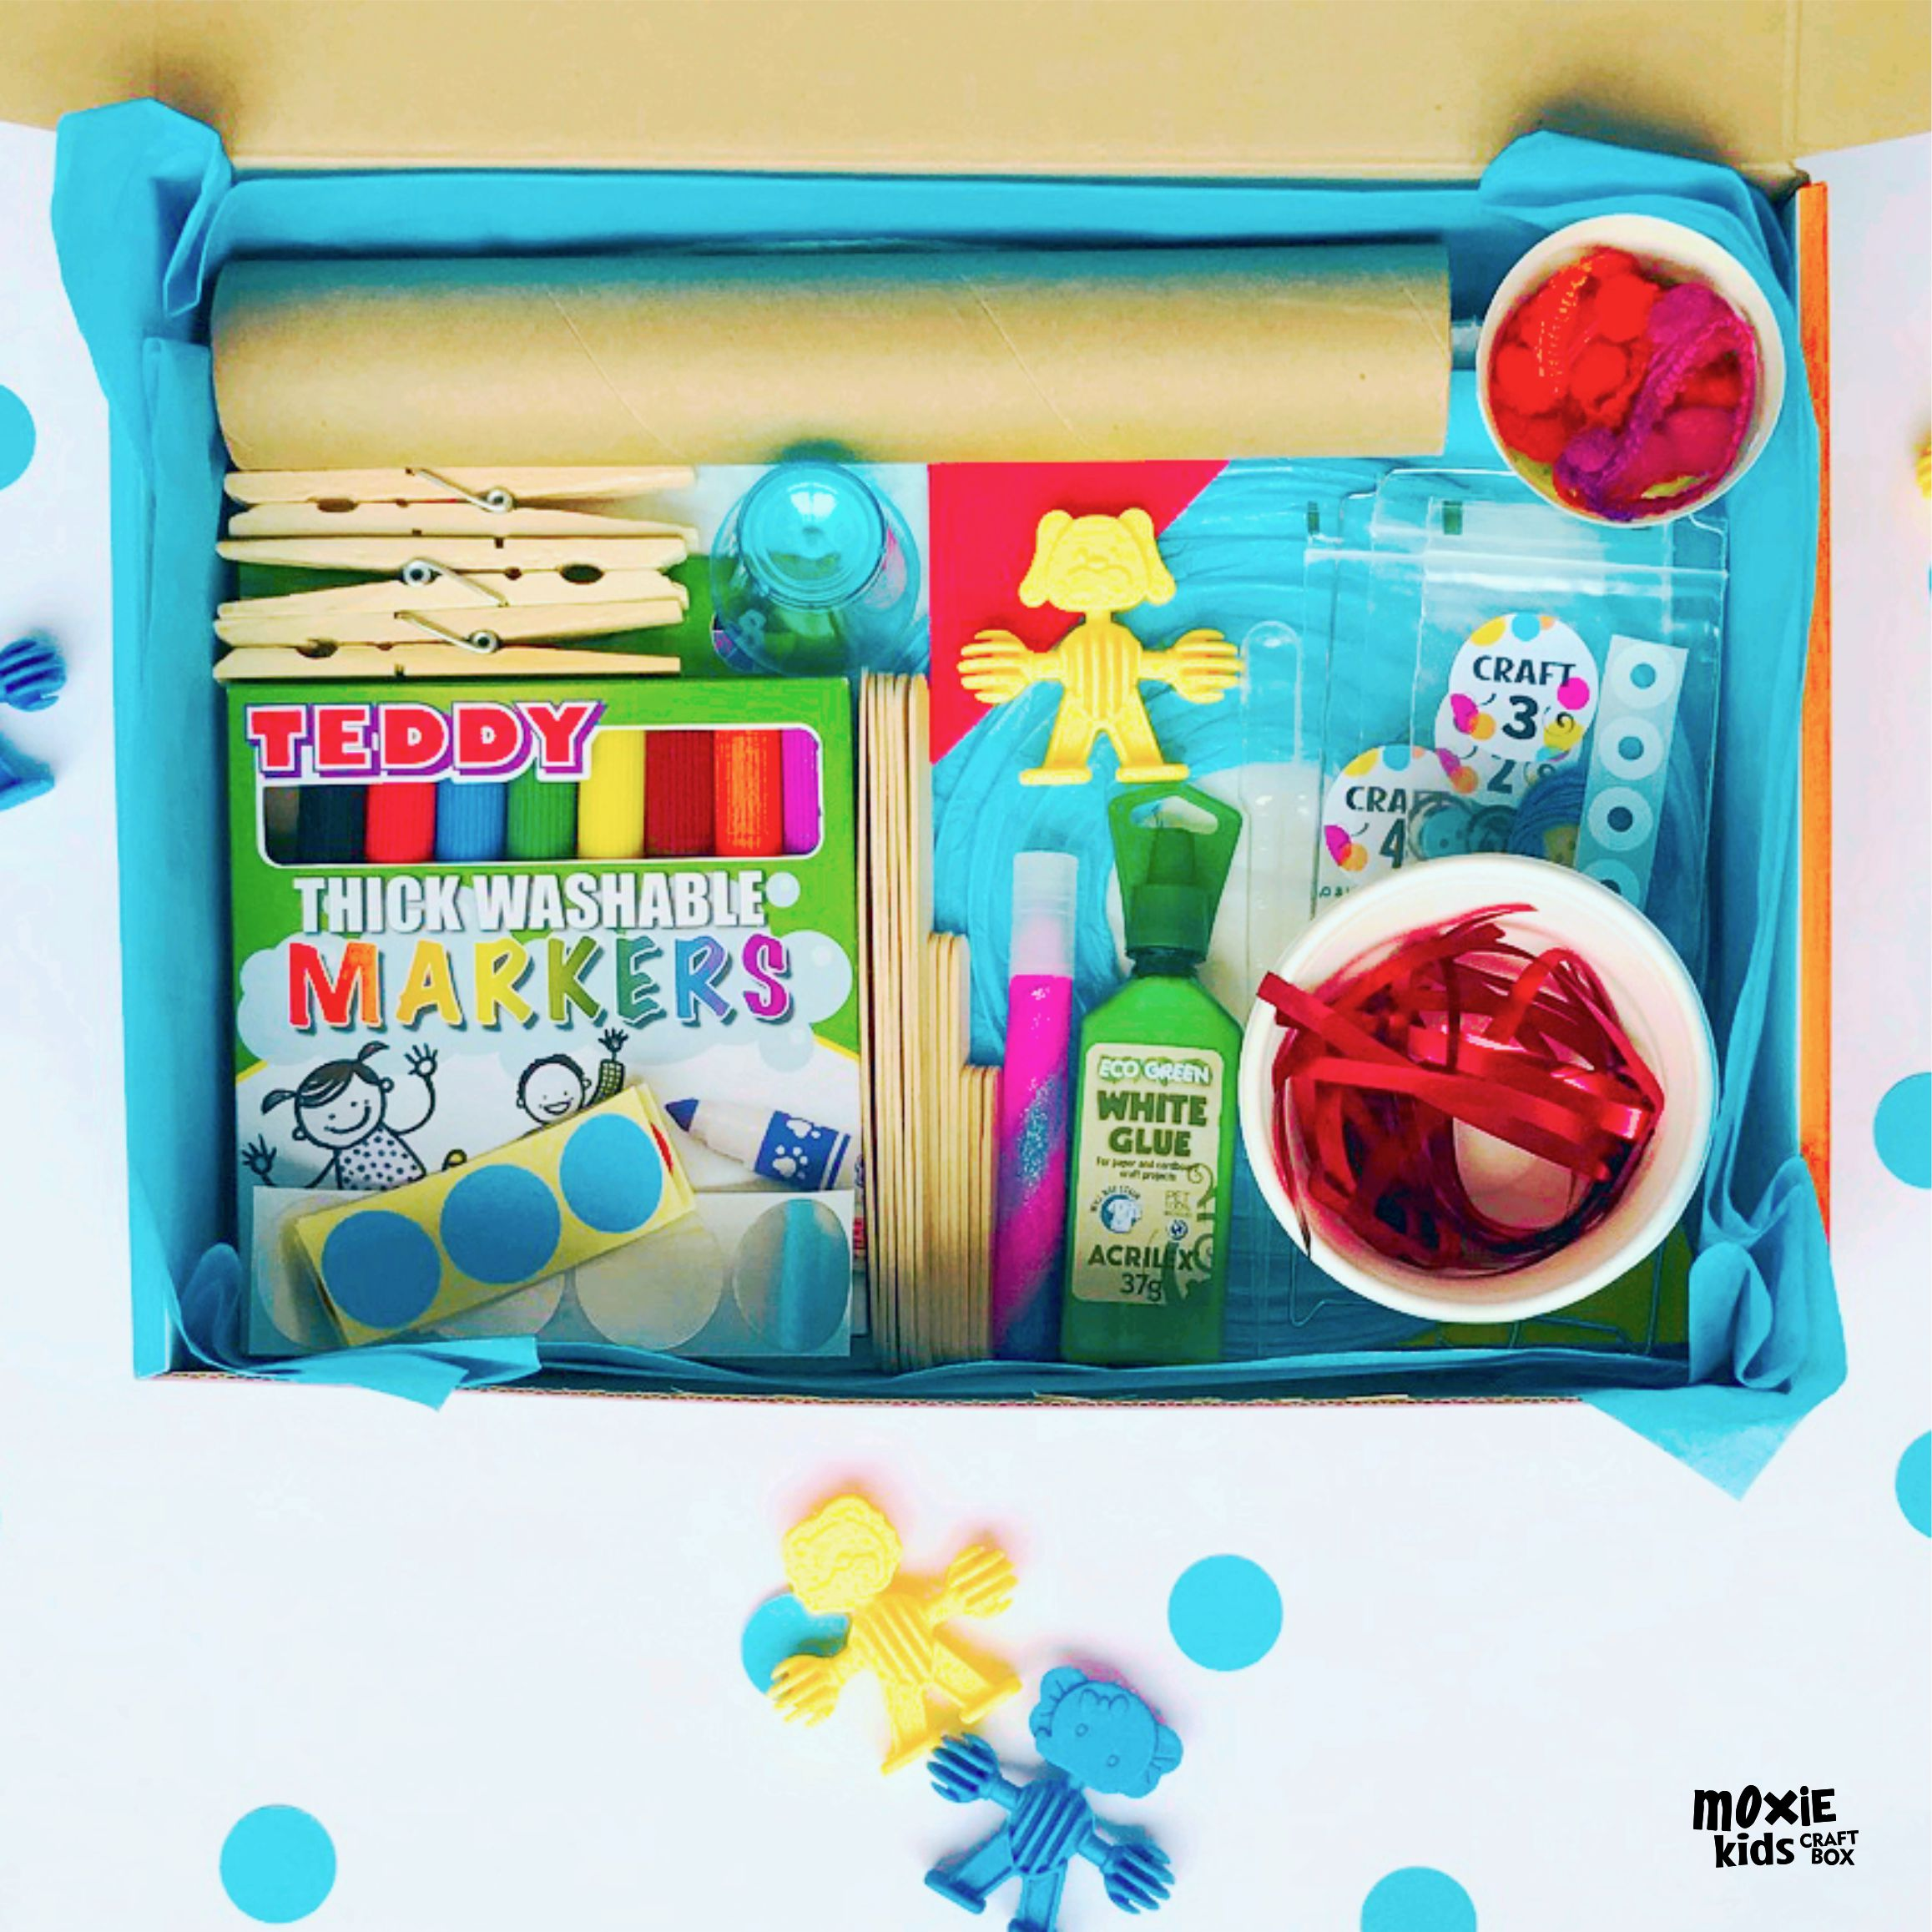 http://www.moxiekids.co.za/wp-content/uploads/2020/04/Moxie-Kids-IG-84.jpg